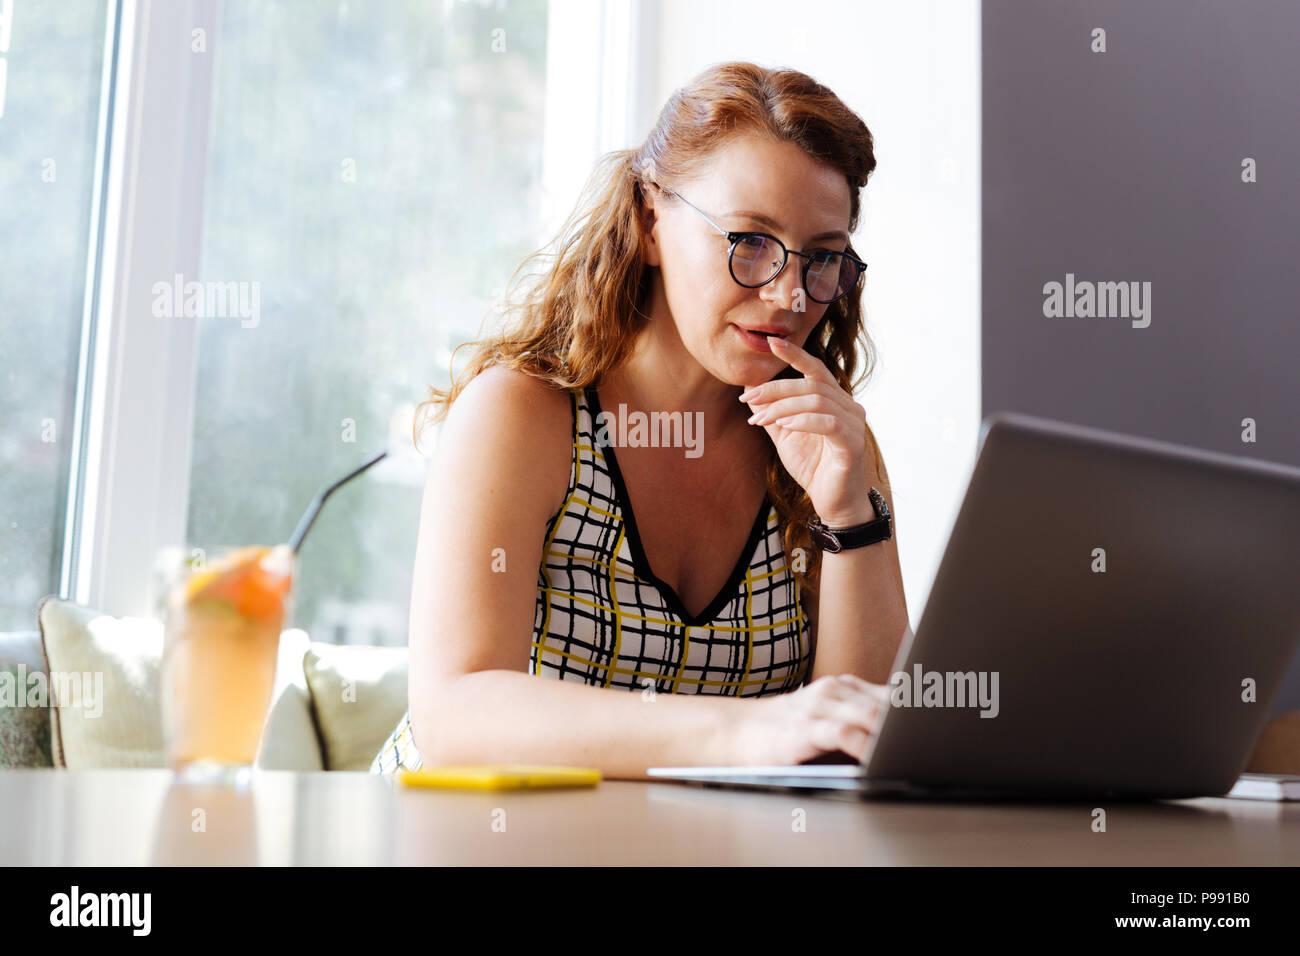 Rothaarige schöne weibliche Remote Worker Gefühl nachdenklich Stockbild